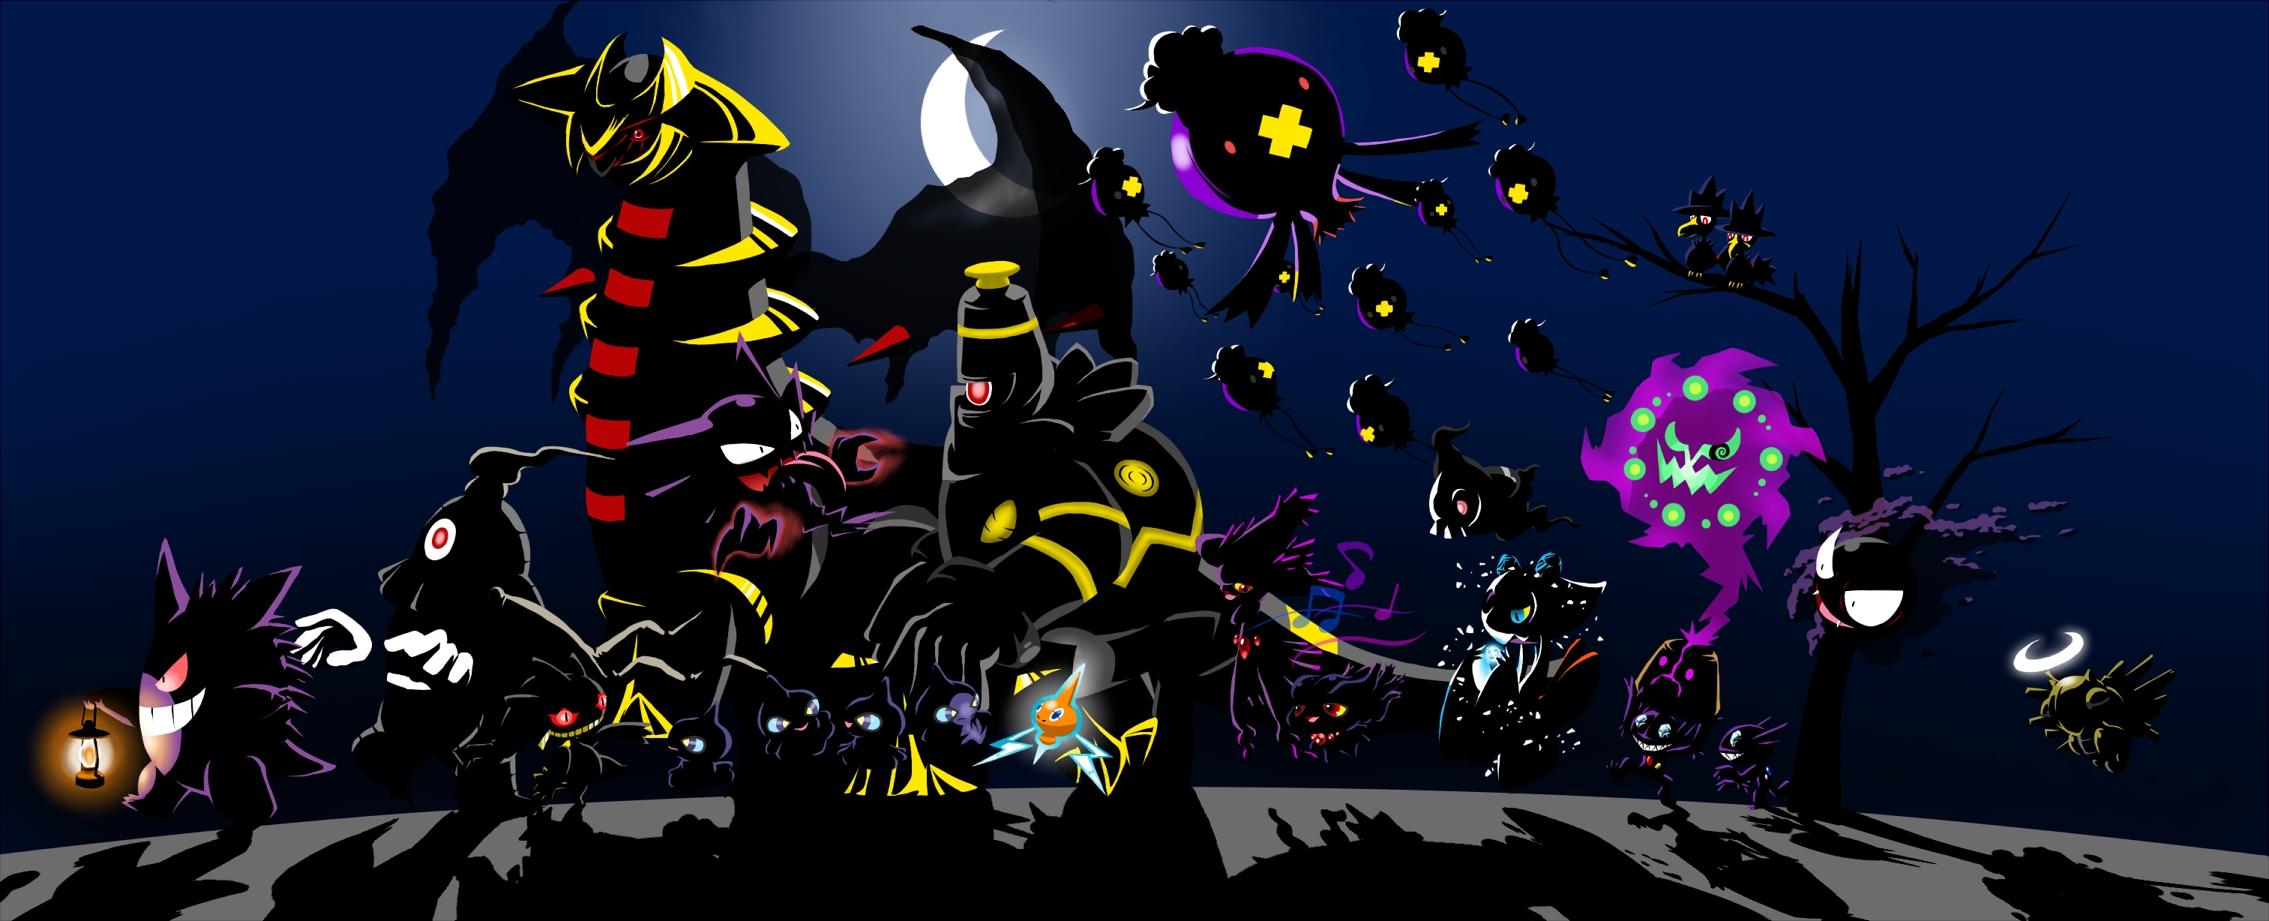 Pokemon Ghost Battle 2269x921